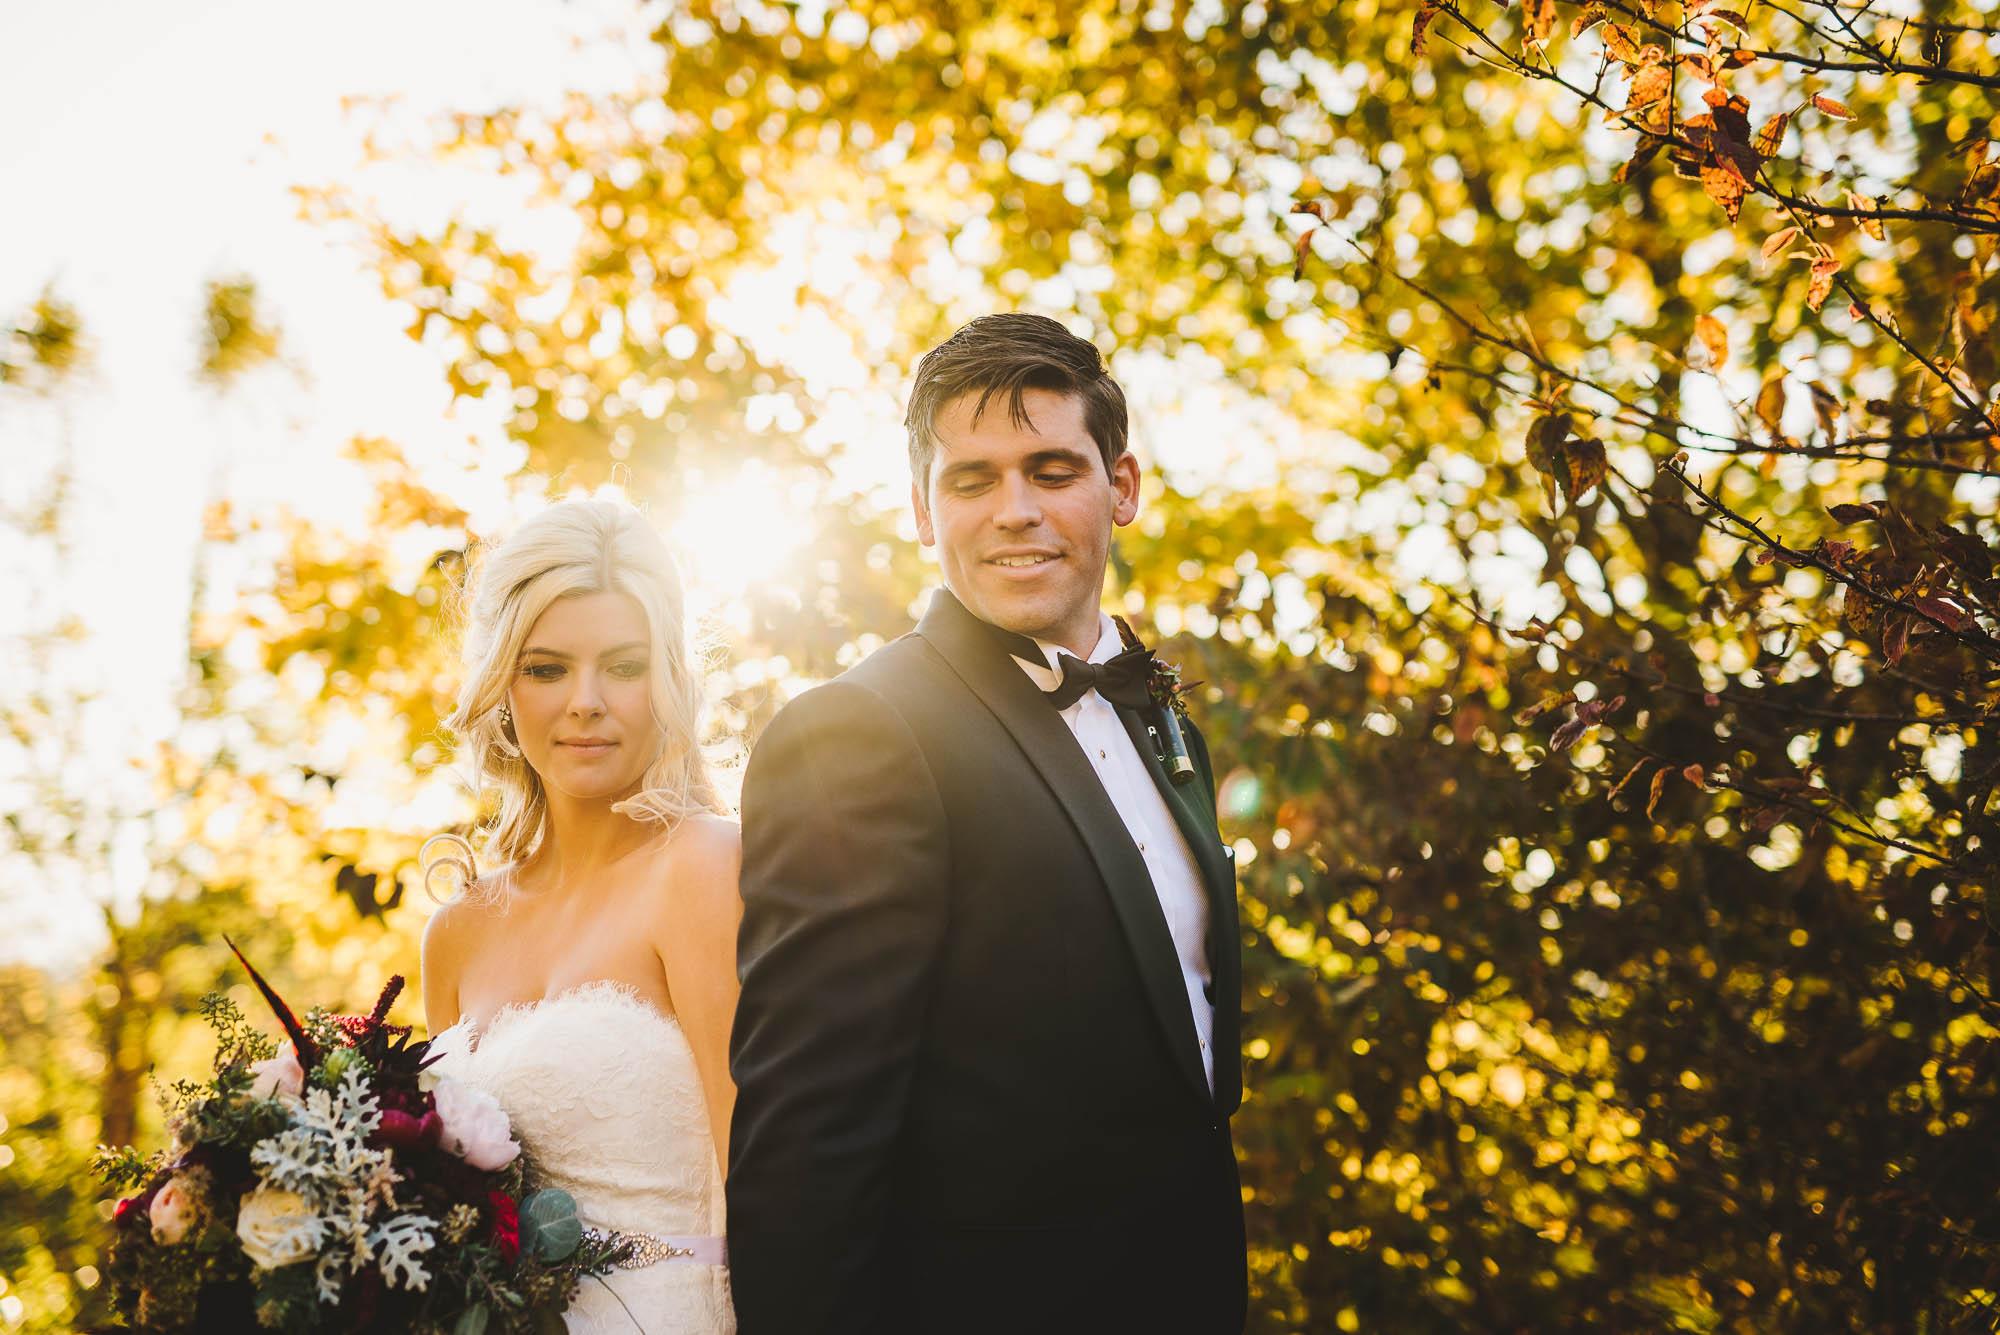 Grove Park Inn weddings